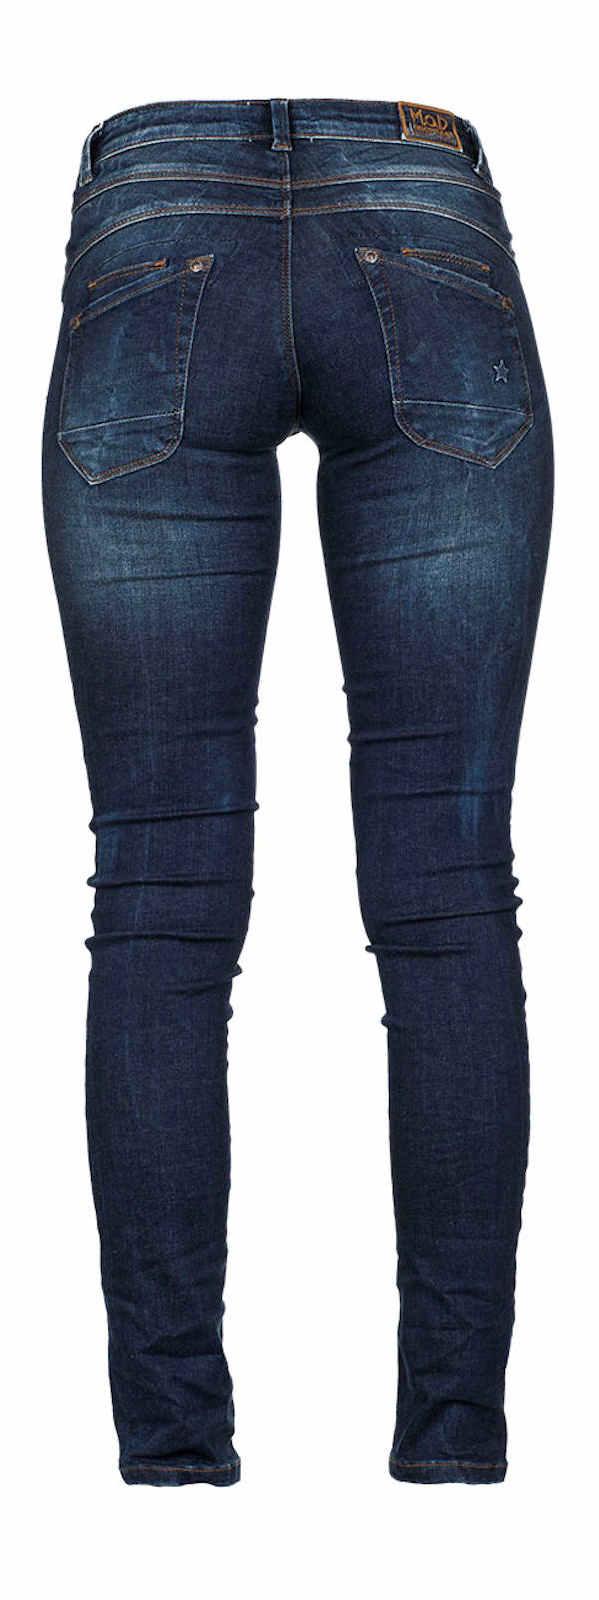 Damen M H d o Nos Jeans Slim Ulla 2020 RrEOR8qAx